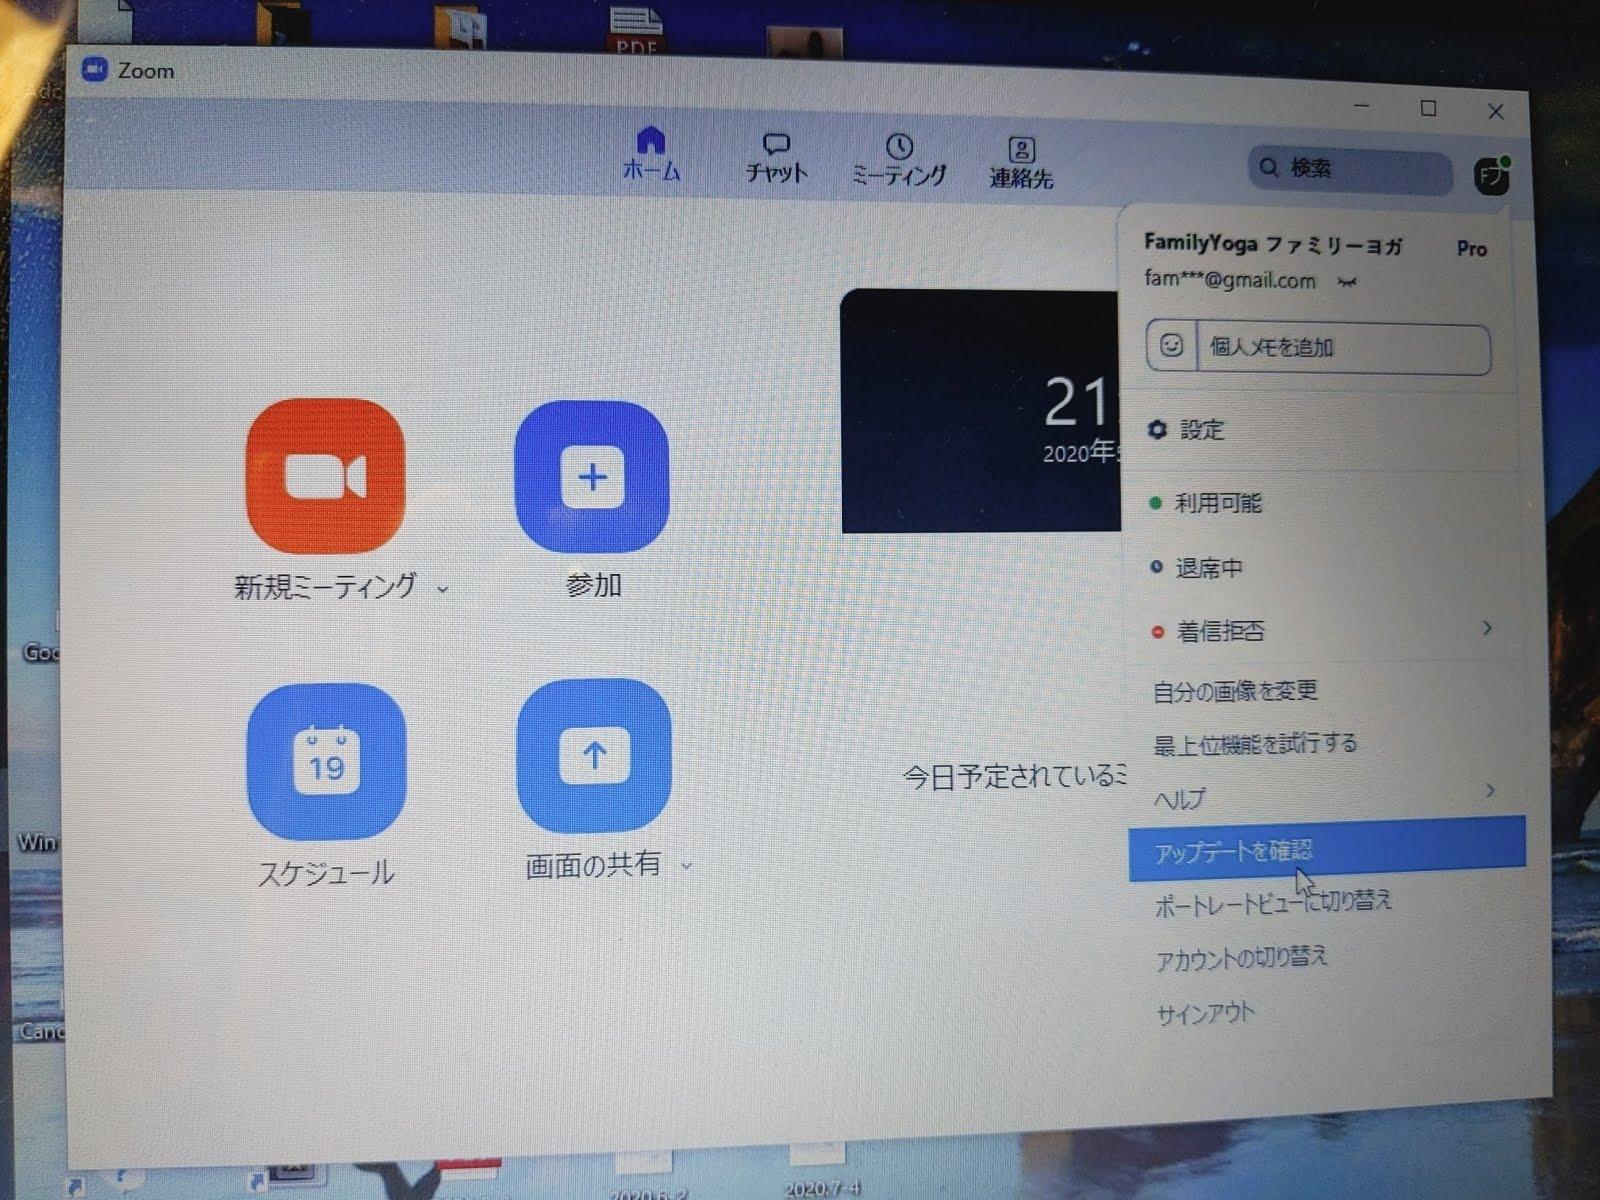 画面右上の色のついているアイコンをクリックすると、メニュー画面が開くので、「アップデートを確認」を選ぶ